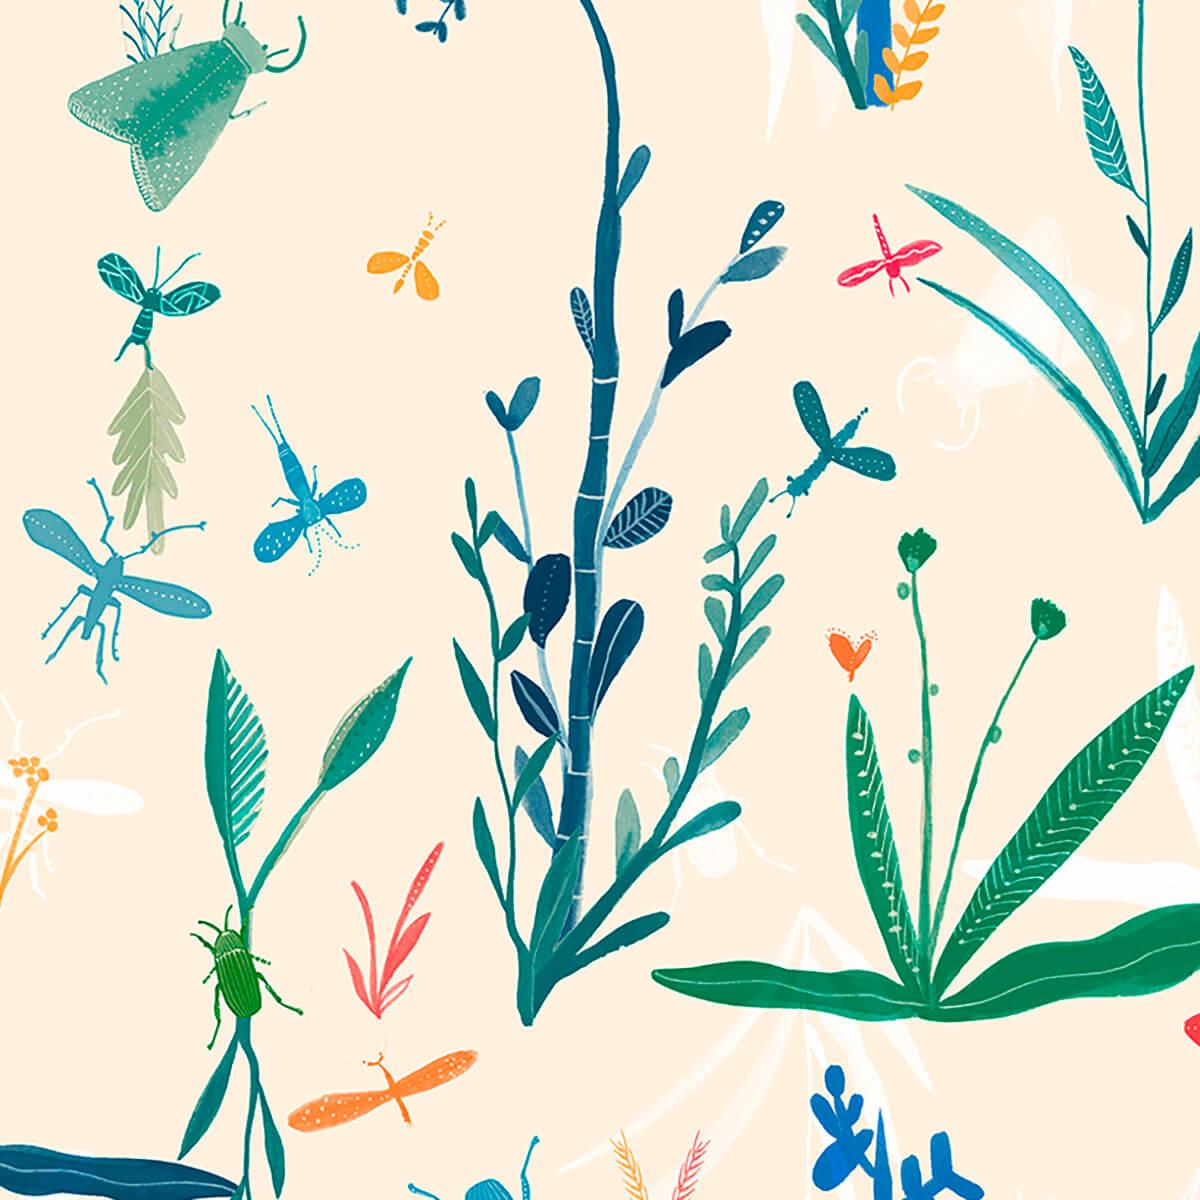 Papel de parede insetos   Sandra Jávera